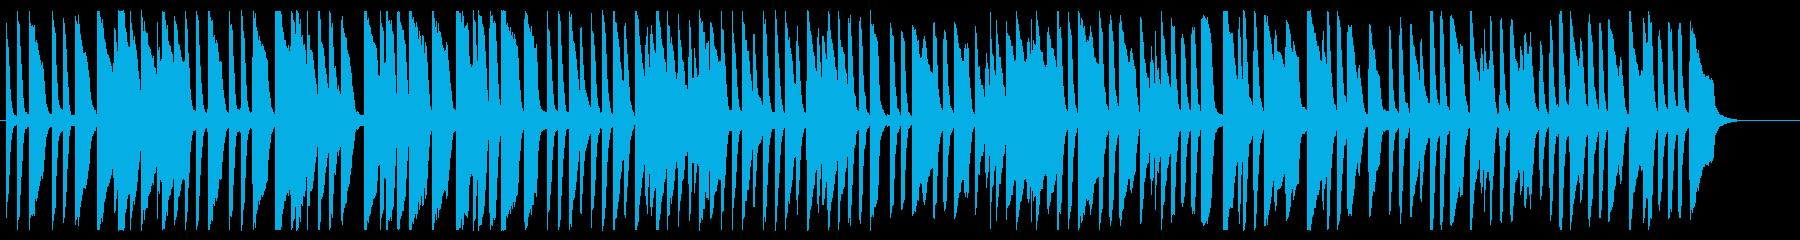 アビニョンの橋の上で ピアノver.の再生済みの波形